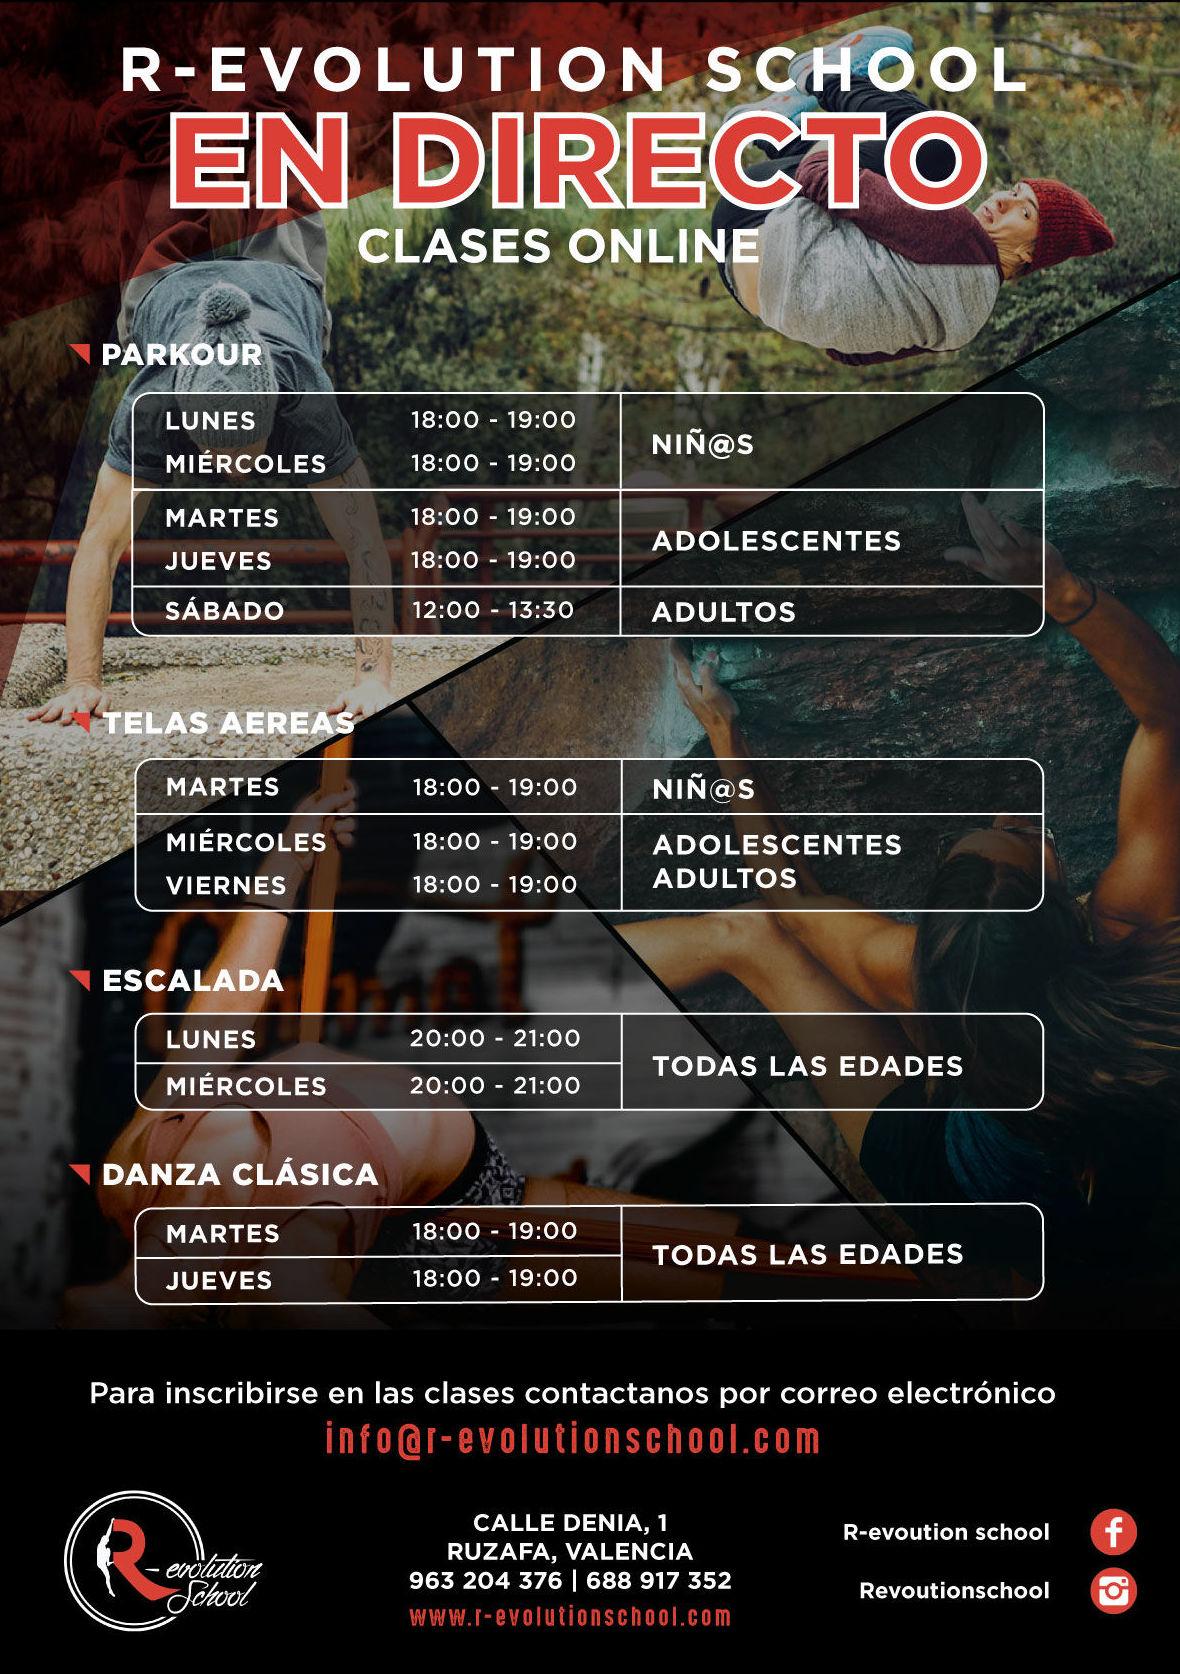 CLASES DE PARKOUR, TELAS Y OTRAS ACTIVIDADES ONLINE: Actividades y cursos de R-evolution School